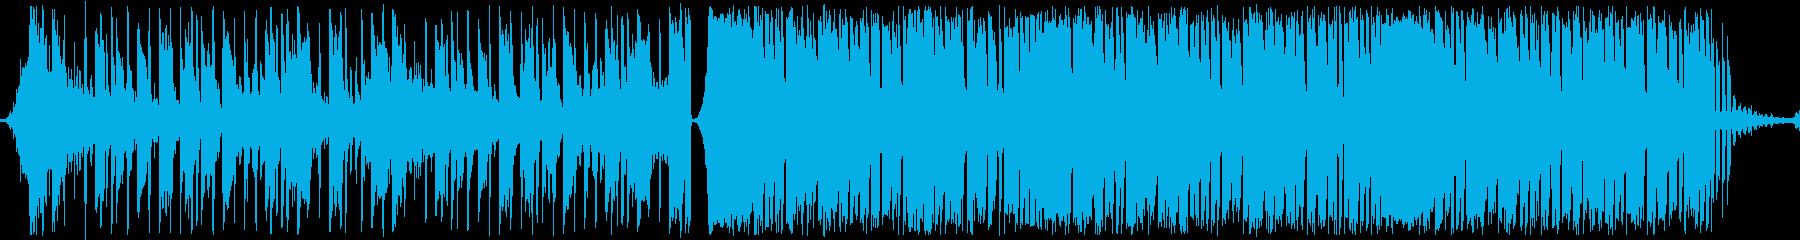 戦闘シーン等に使えるパワフルなループ曲の再生済みの波形